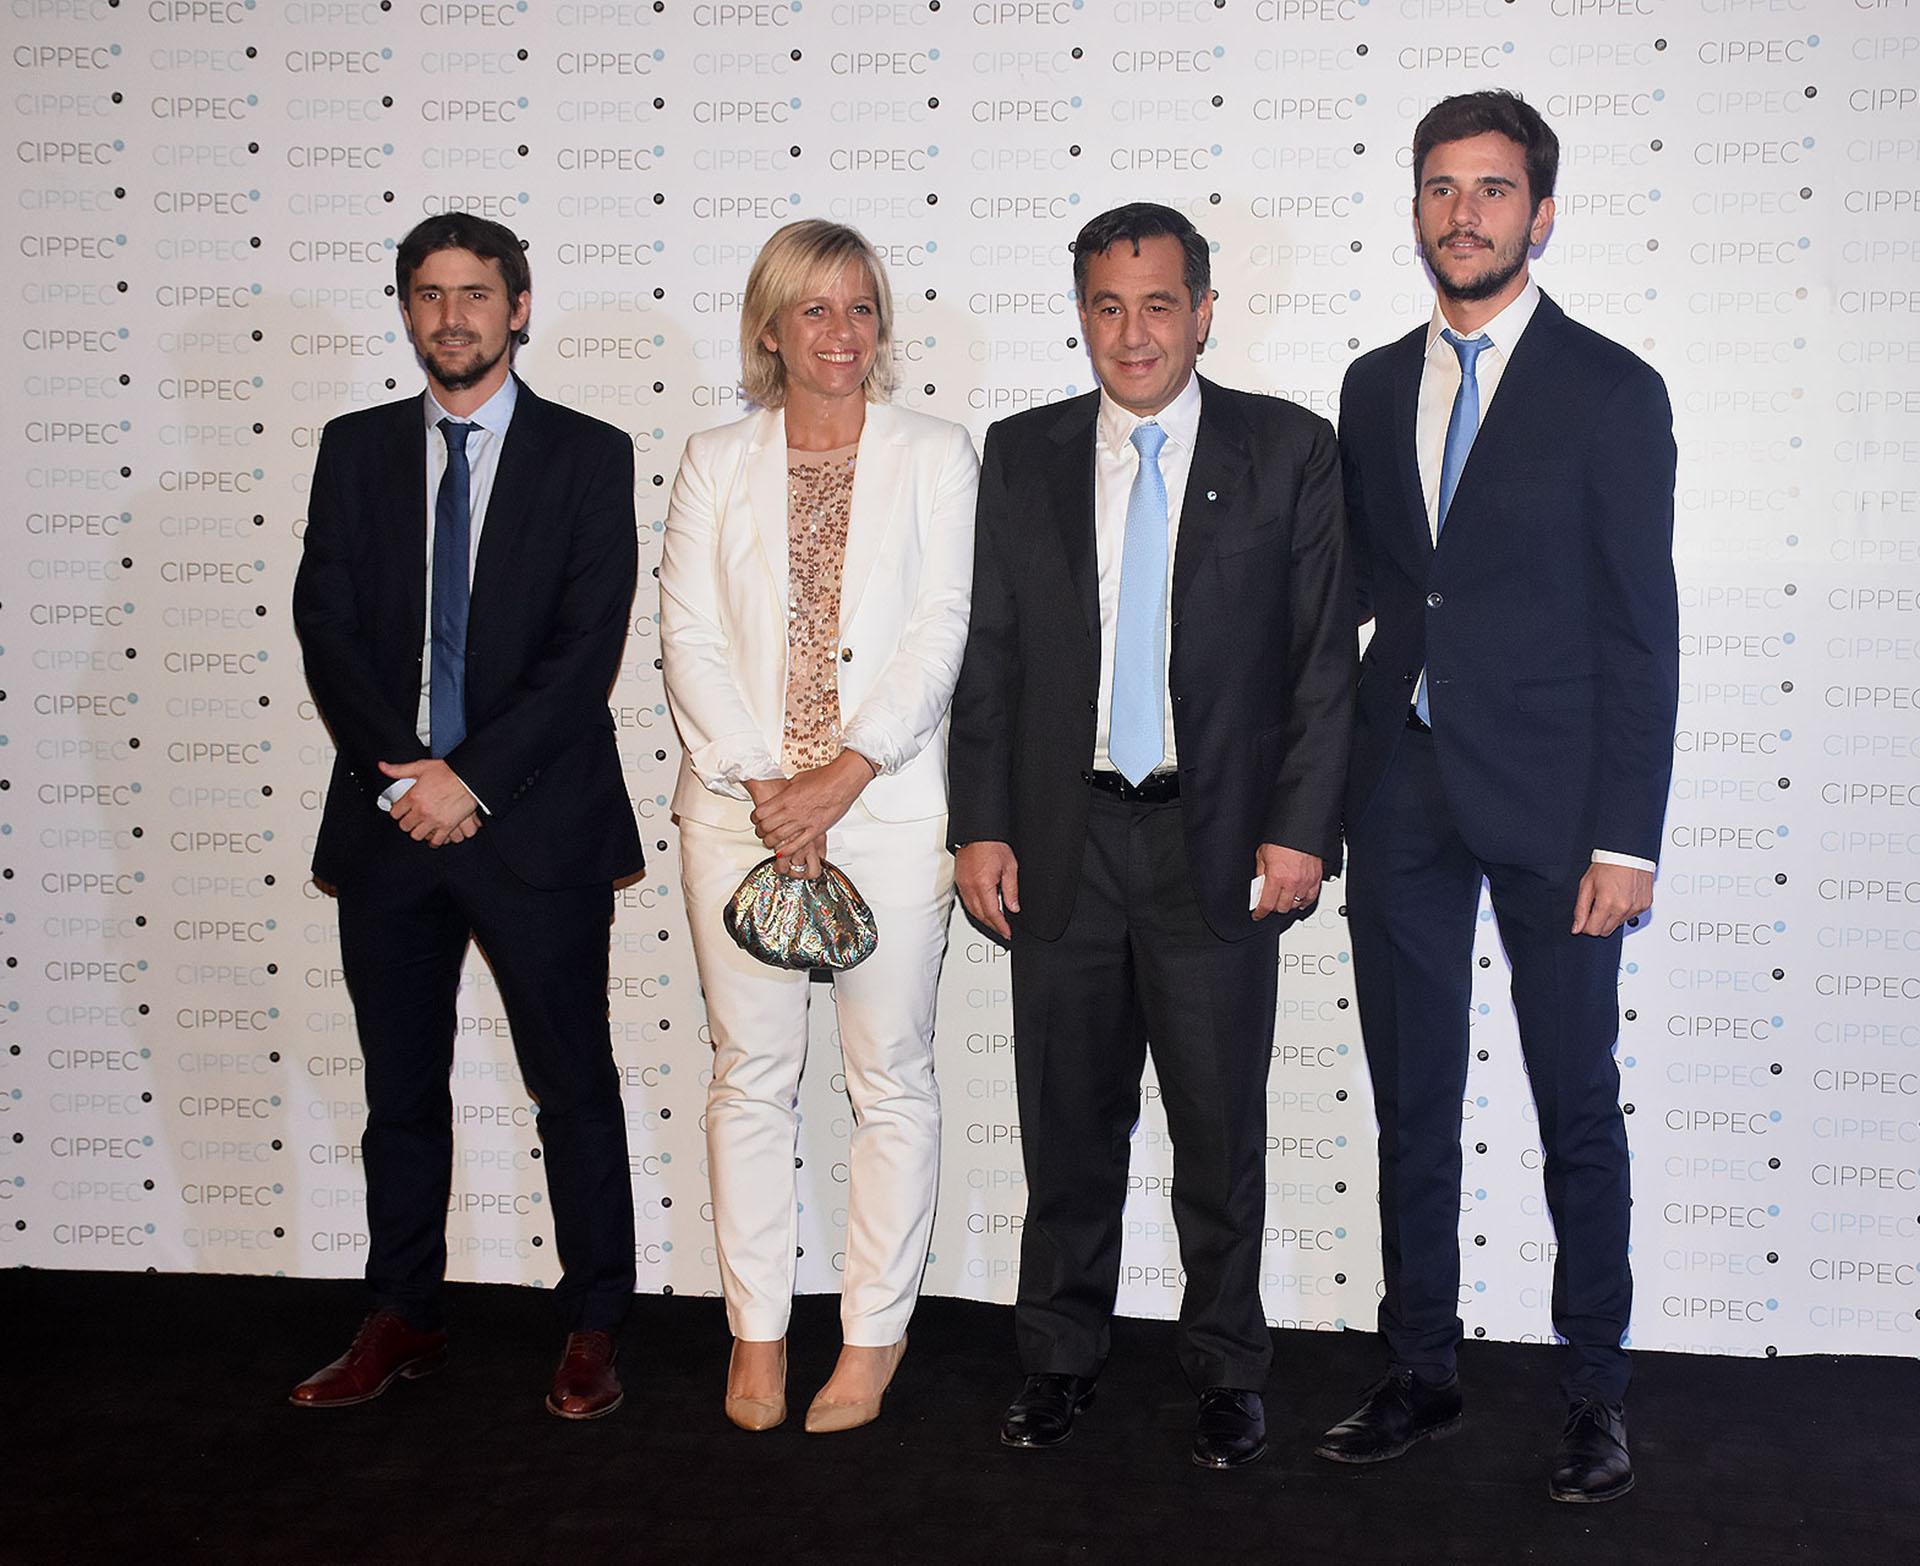 El ministro de Educación, Alejandro Finocchiaro, junto a Pedro Robledo, director ejecutivo del Instituto Nacional de Juventud